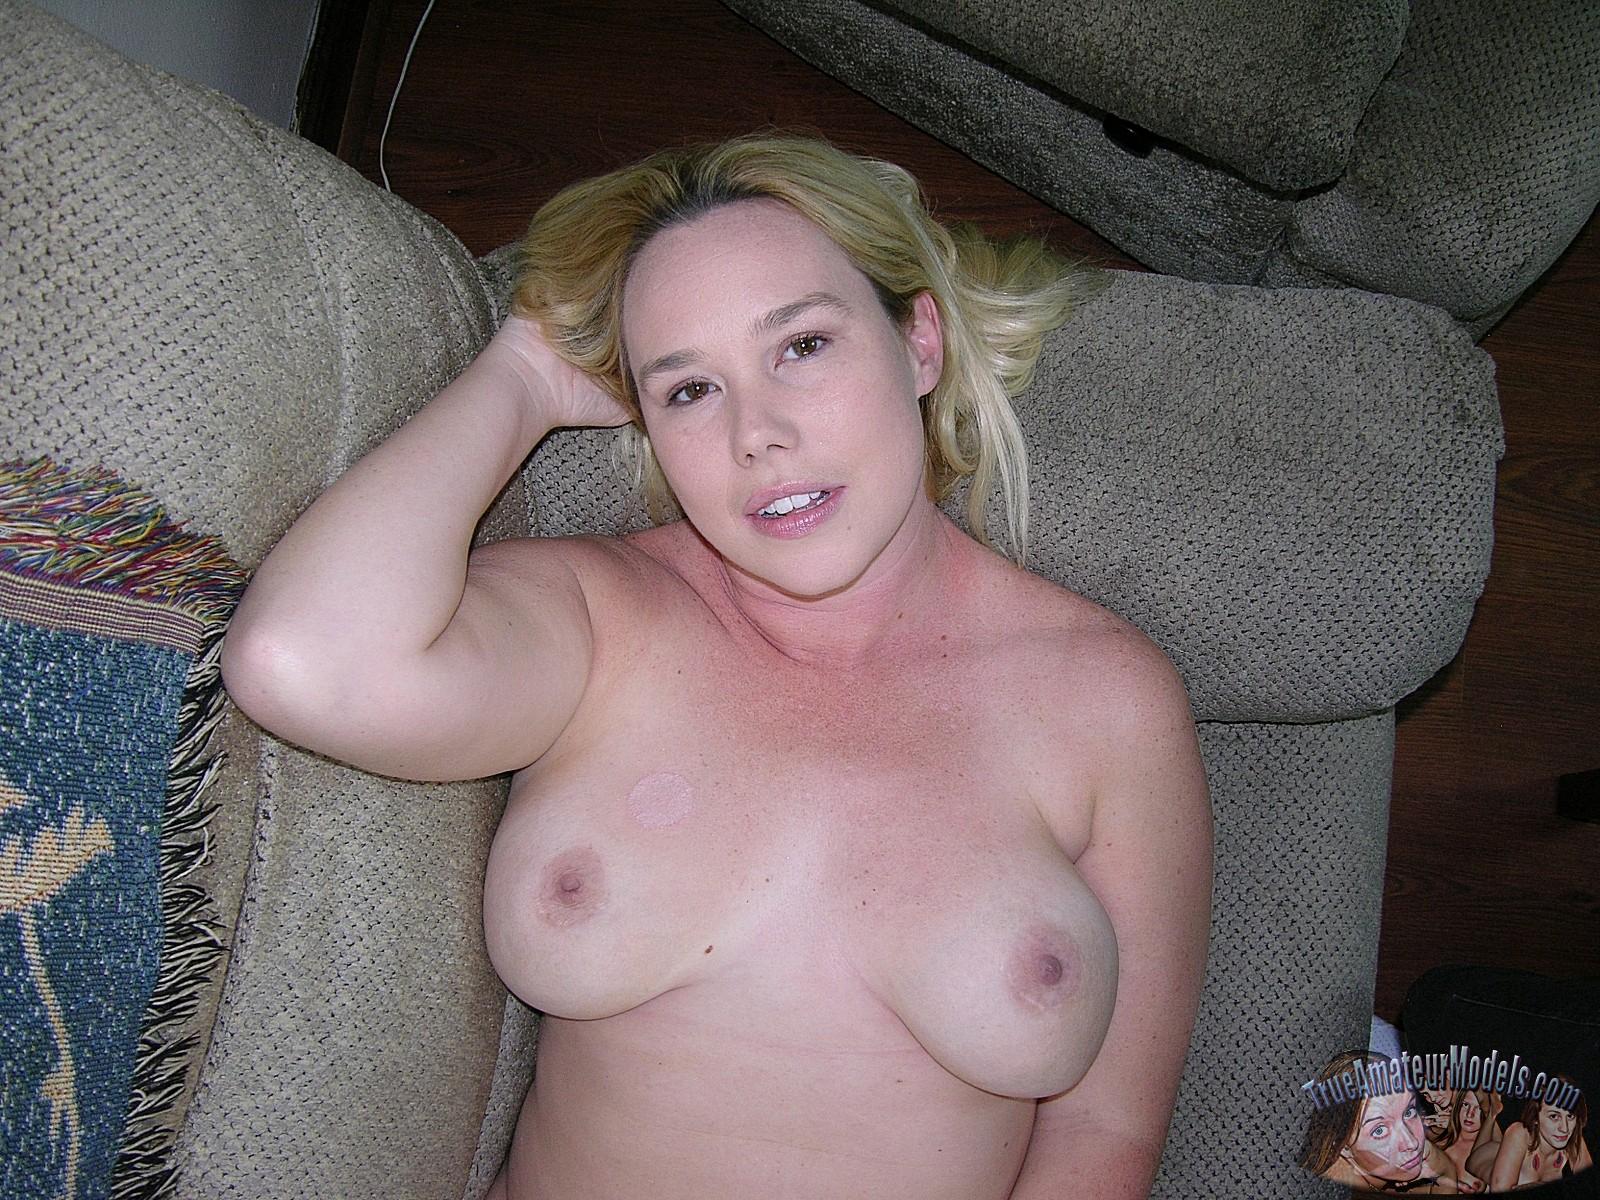 Best amateur porn paysites